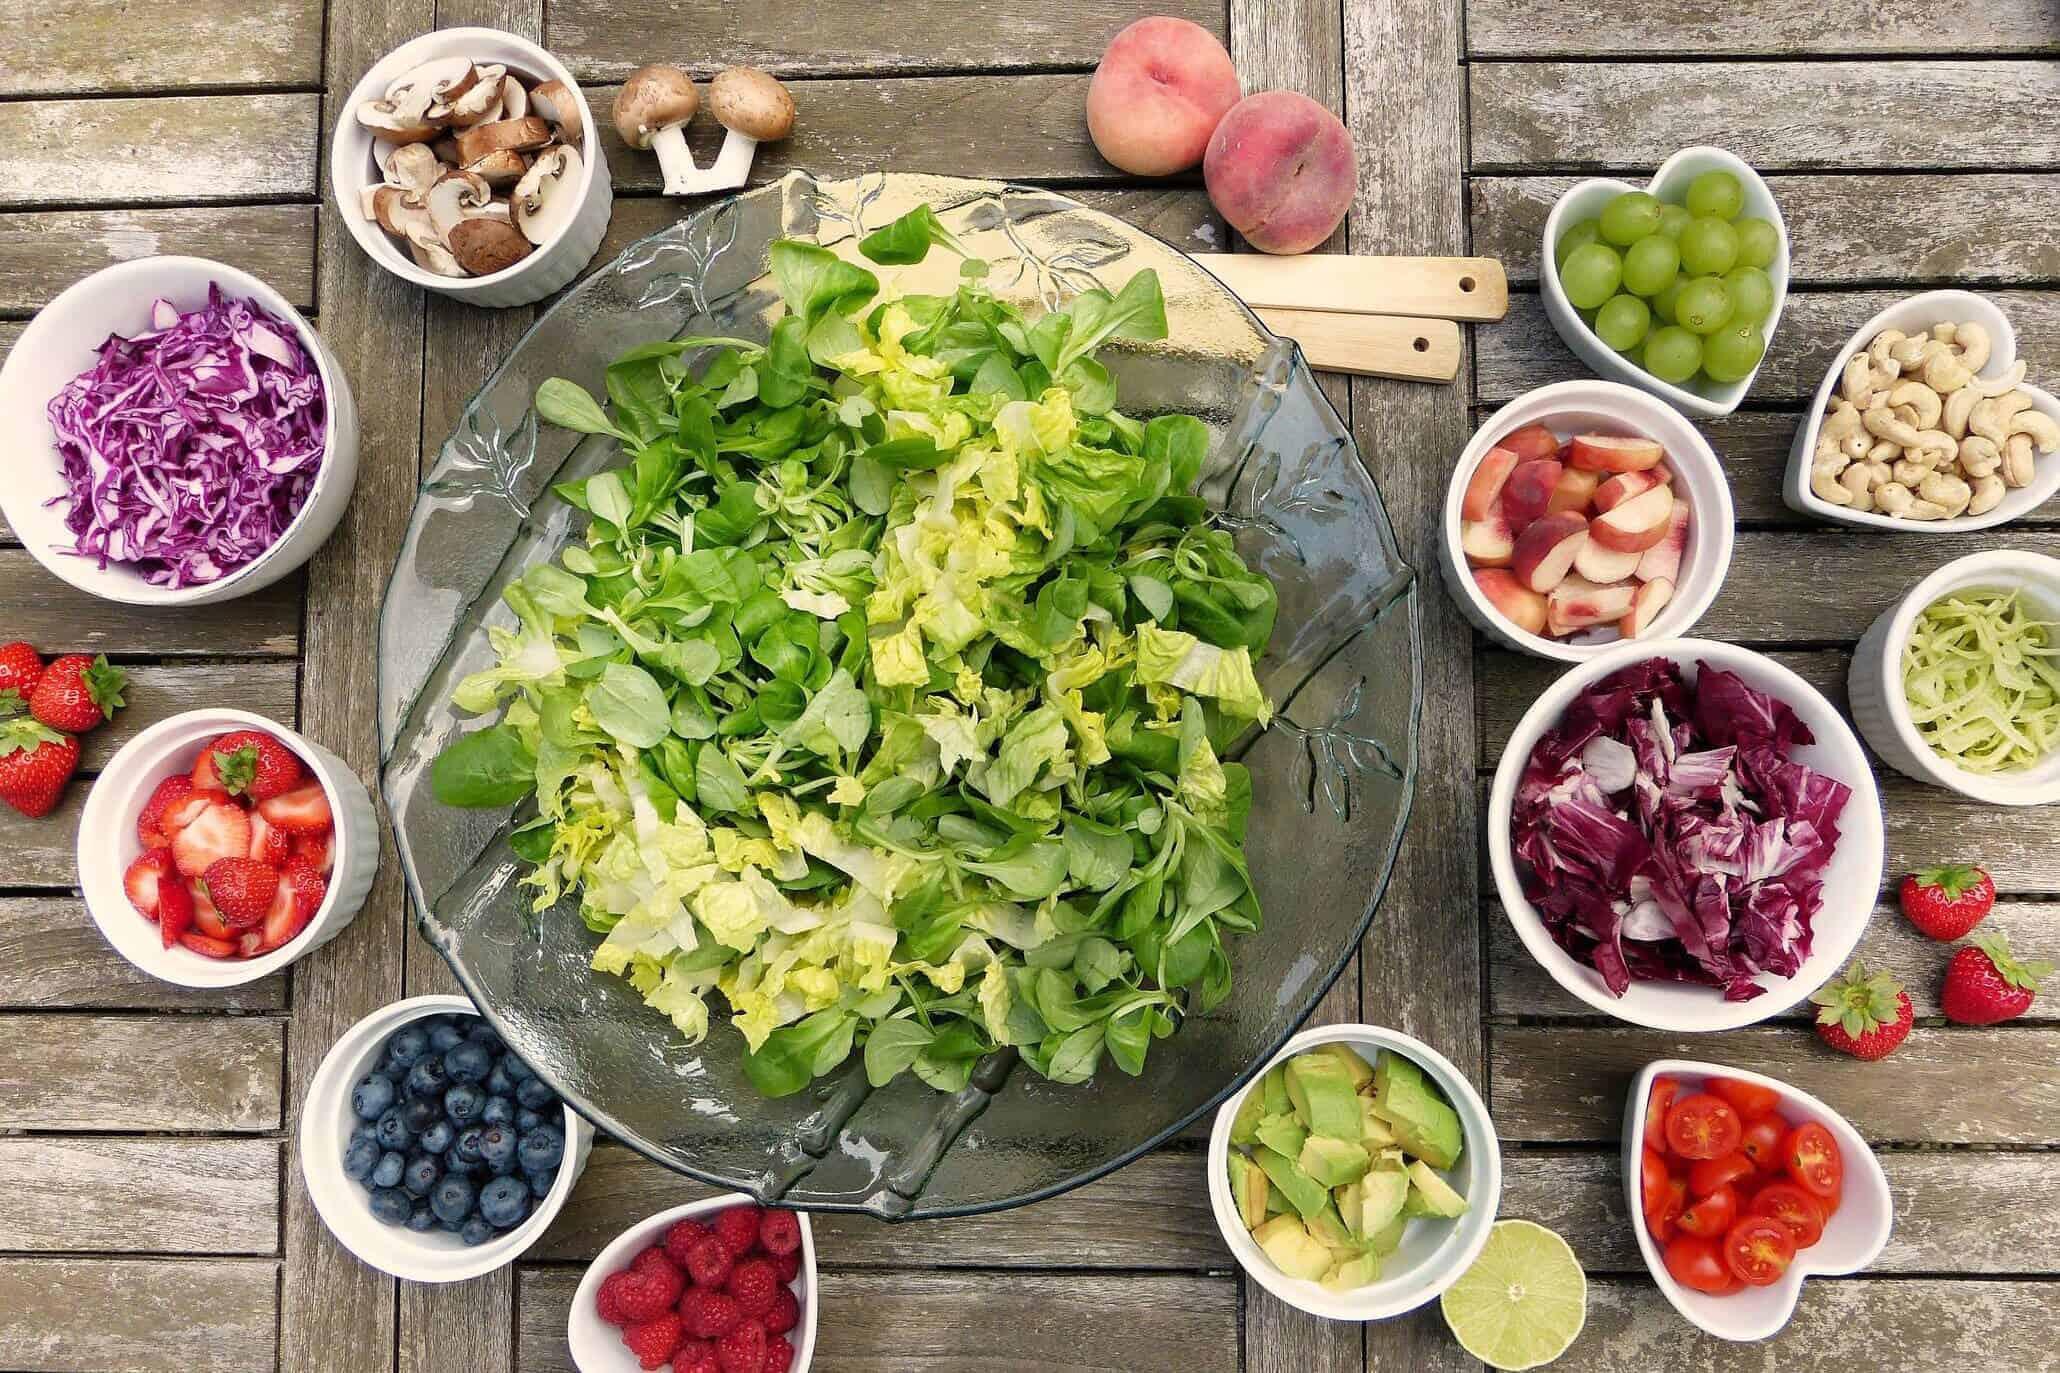 Salat als Beilage für Chili